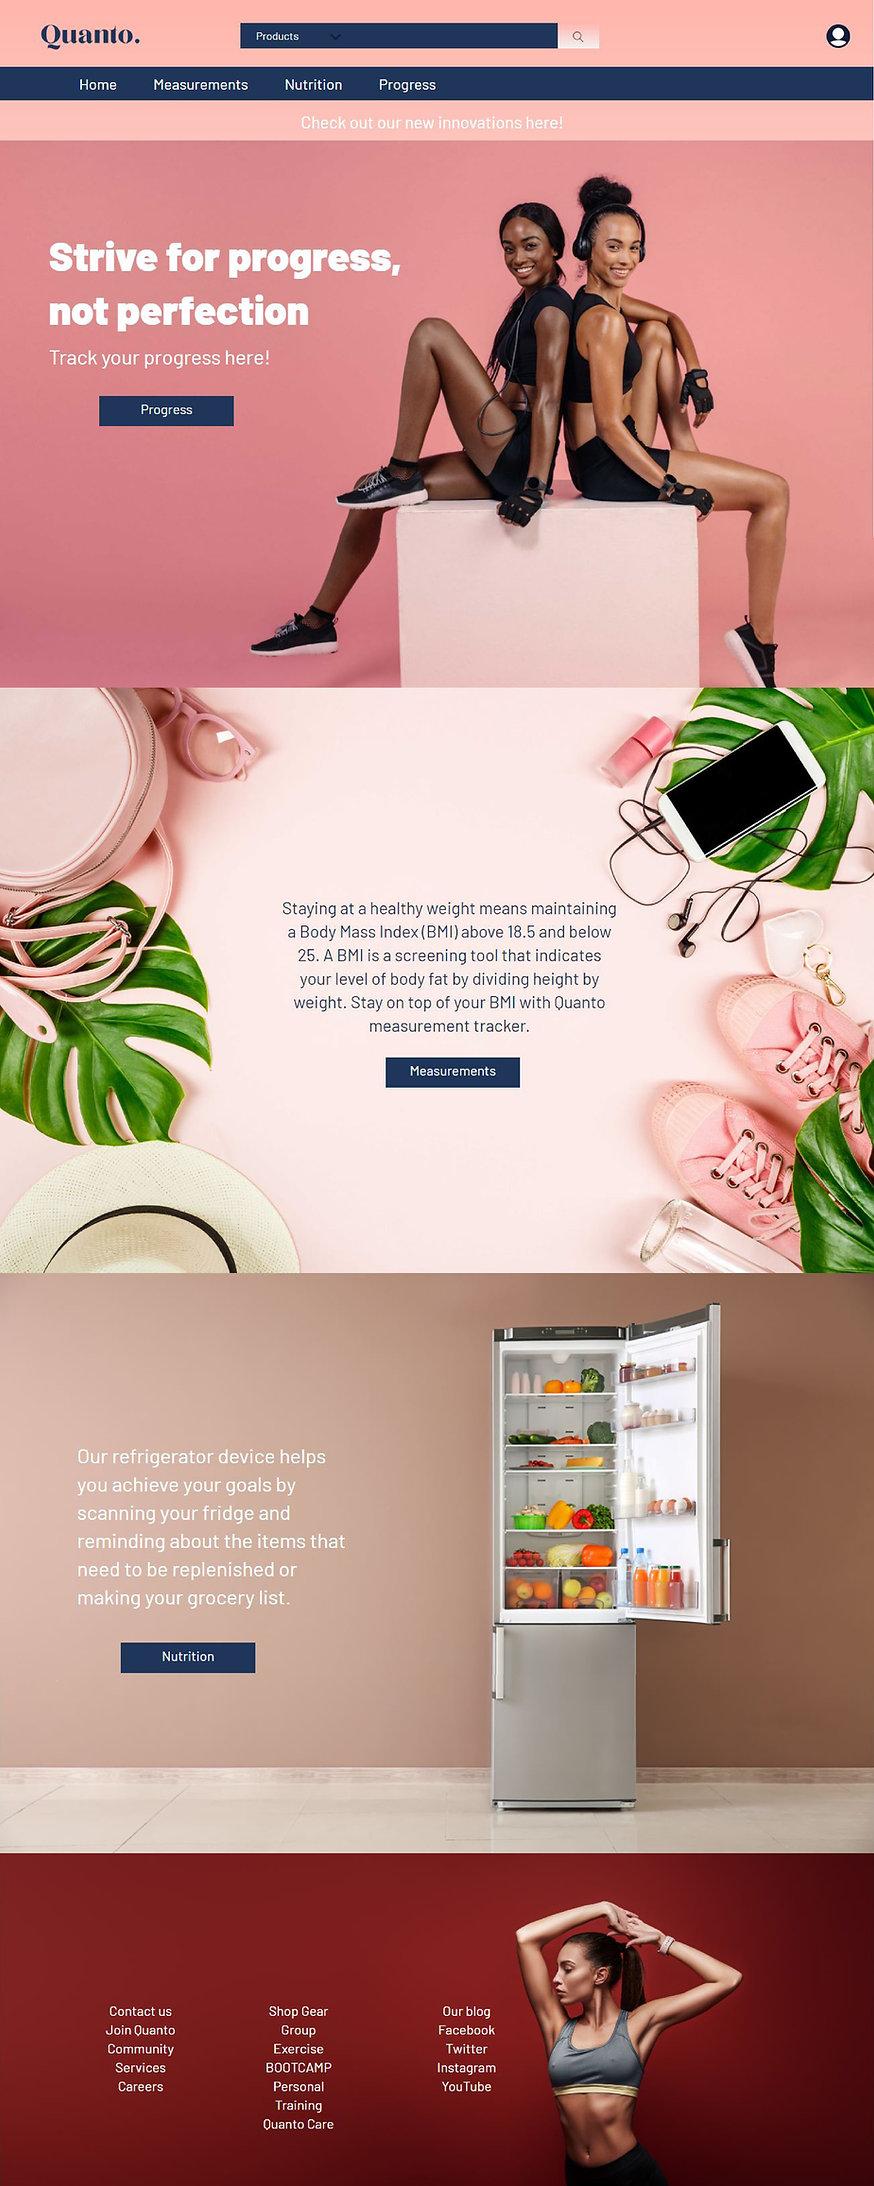 fullwebpage.jpg